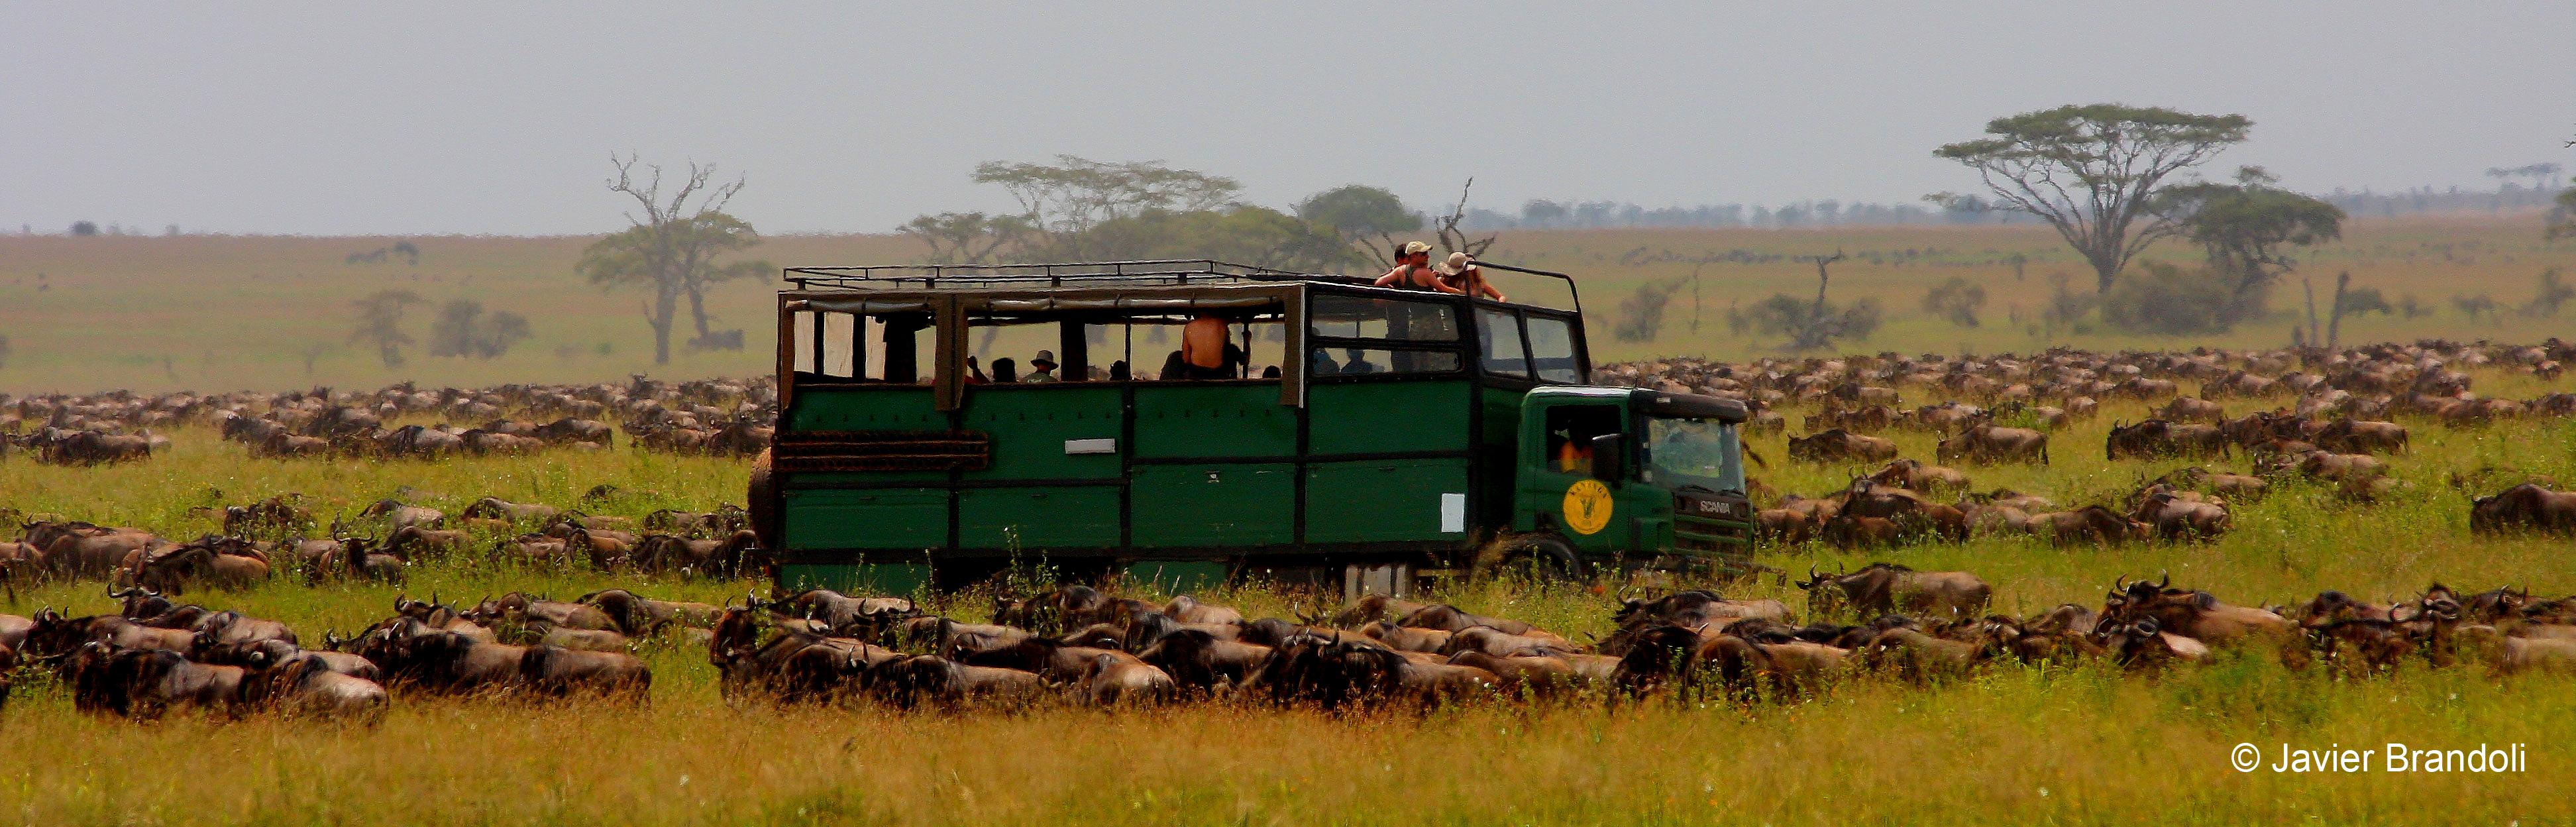 Kananga, camion, safari, Tanzania, Kenya, Africa Austral, Namibia, Africa Oriental, viajes, 4x4